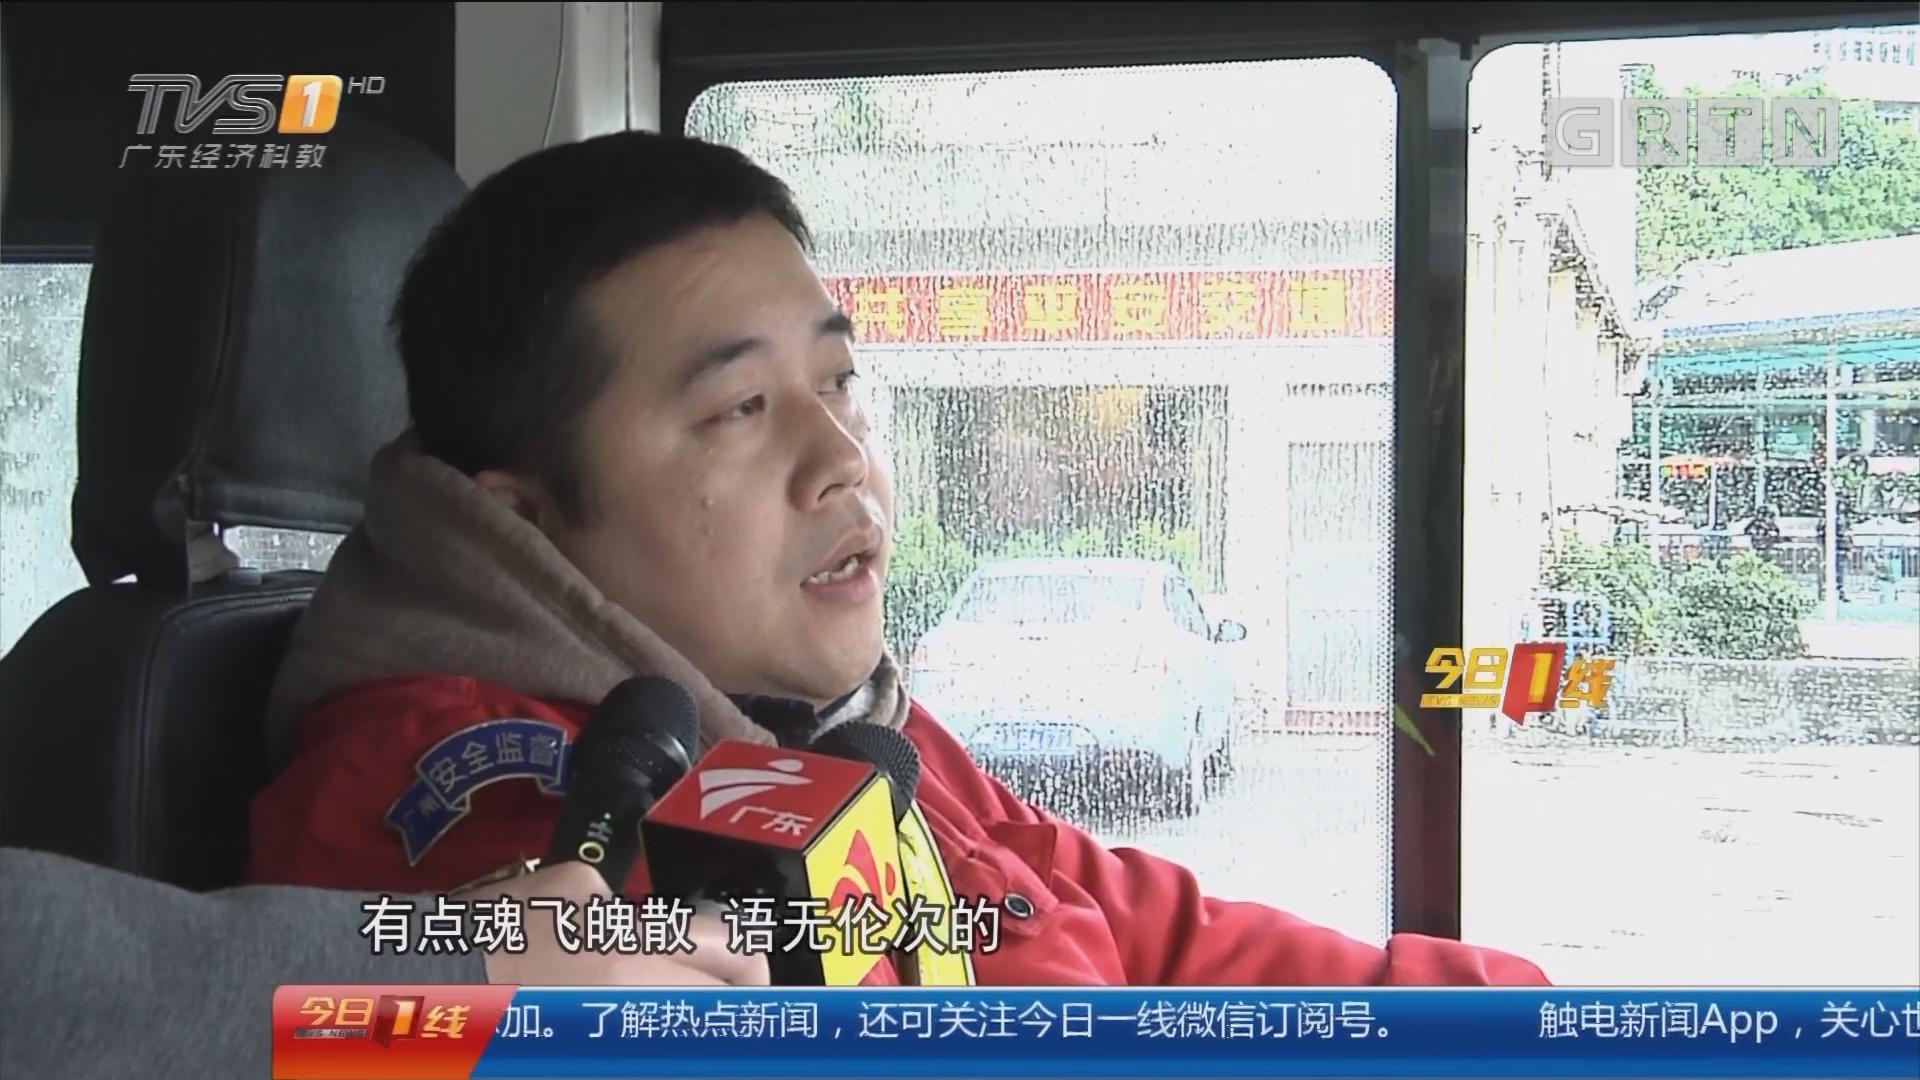 广州:摩托逆行撞人后逃逸 夜班司机救人